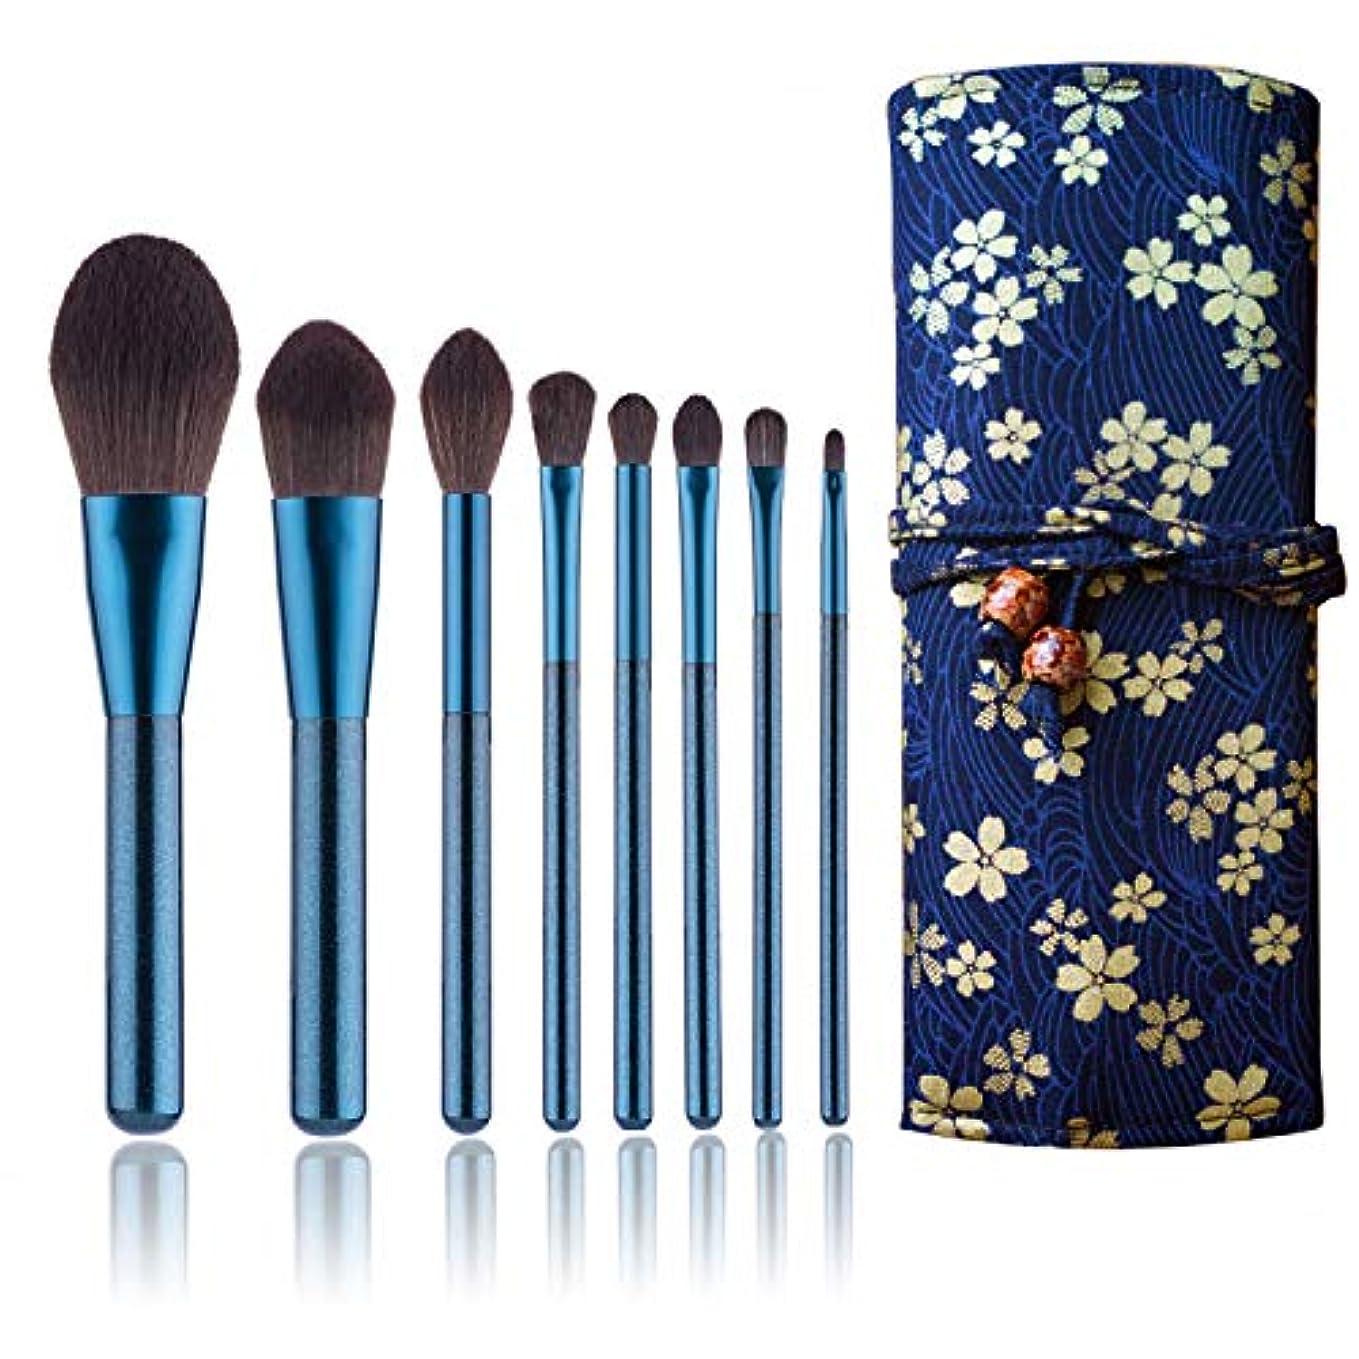 のため舌ハードリングZOE·Y メイクブラシ 8本セット 化粧ブラシ 柔らかい 化粧筆 可愛い 化粧ポーチ付き 携帯便利 誕生日プレゼントゃギフトにもおすすめ makeup brushes